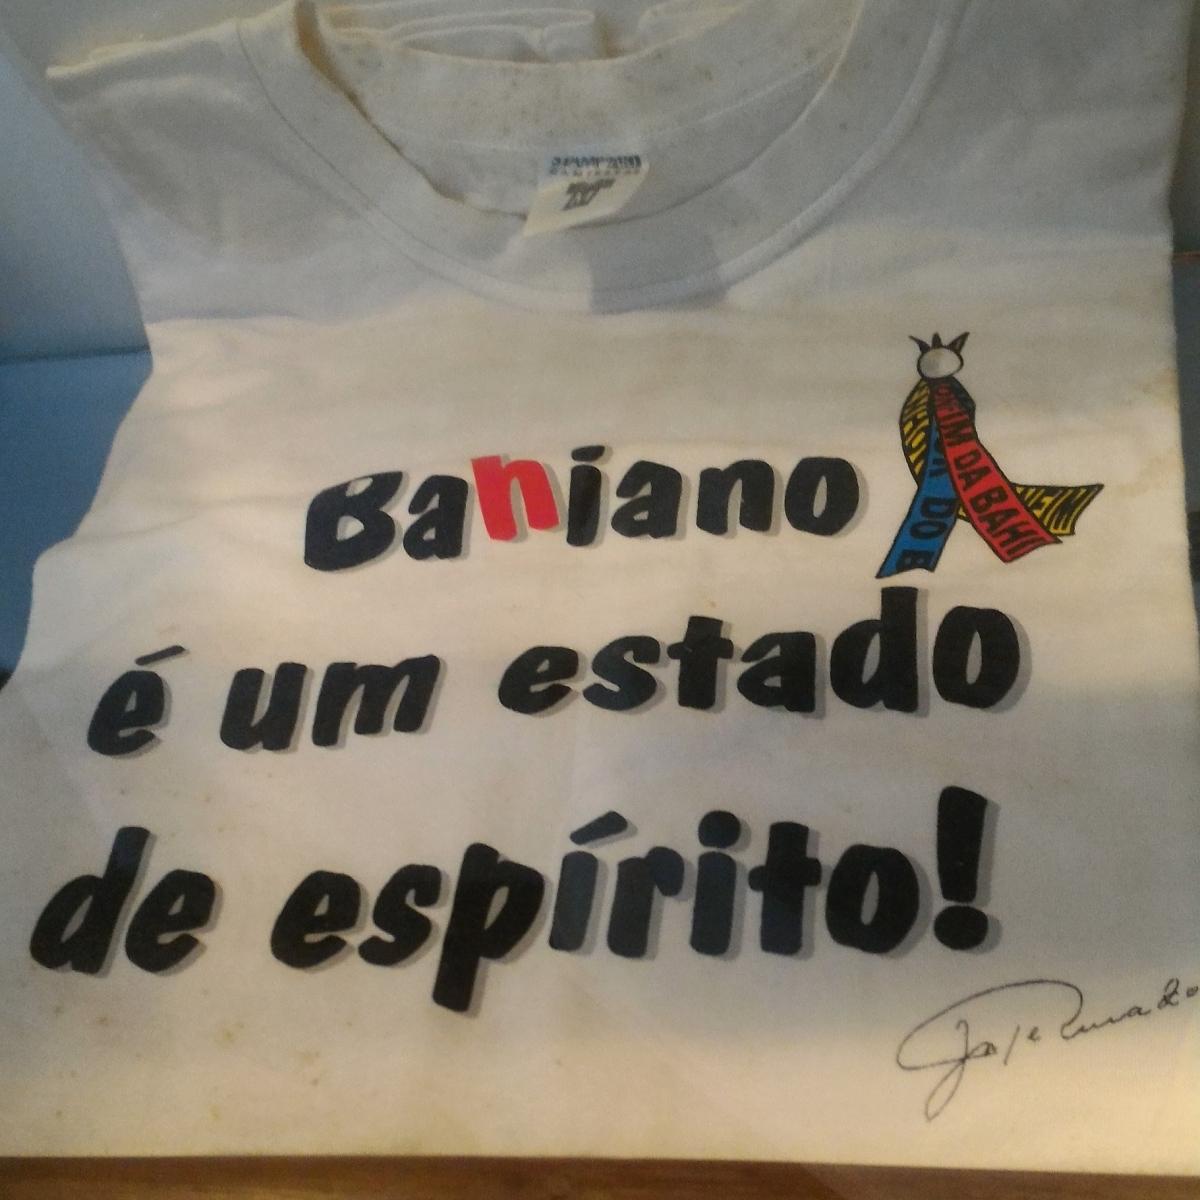 16 Lugares que Conheci em Salvador